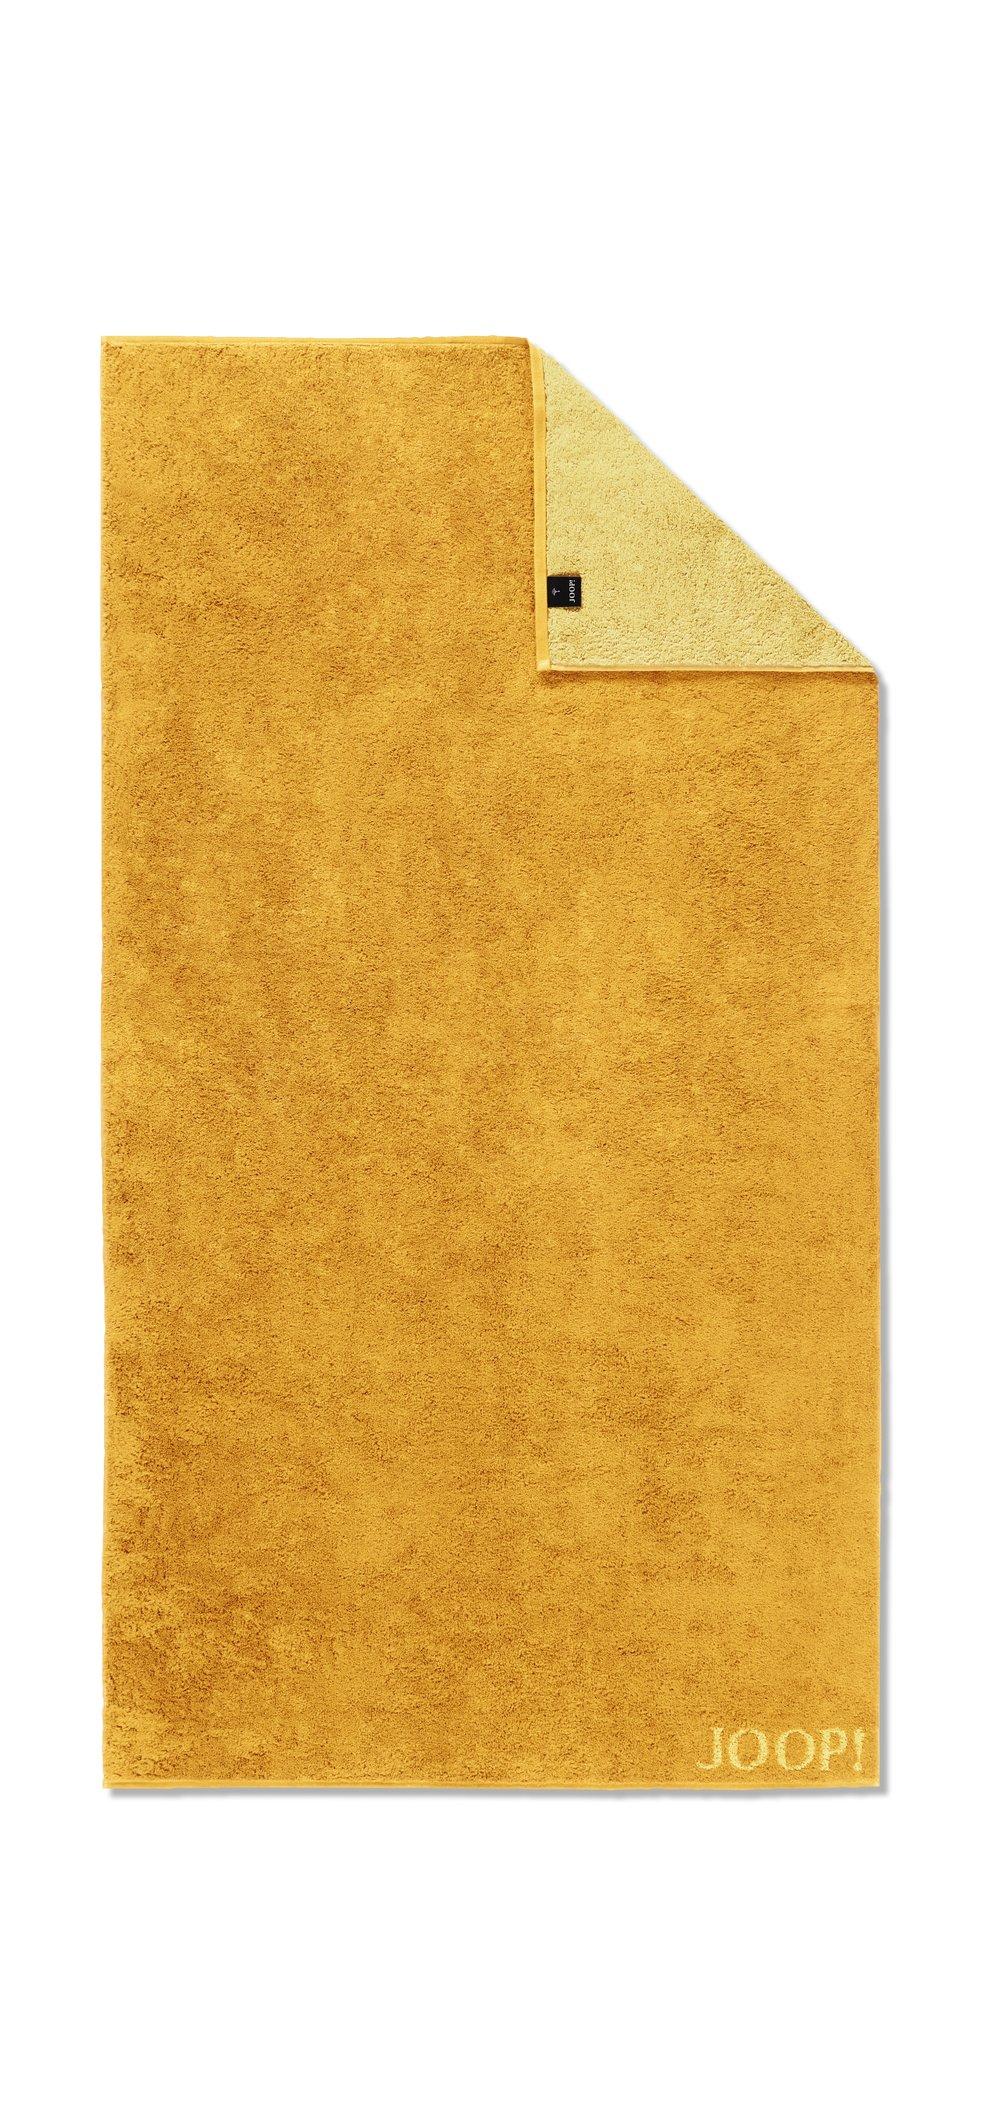 JOOP! Classic Doubleface Duschtuch 80x150 cm 1600-50 Honig Kollektion 2020